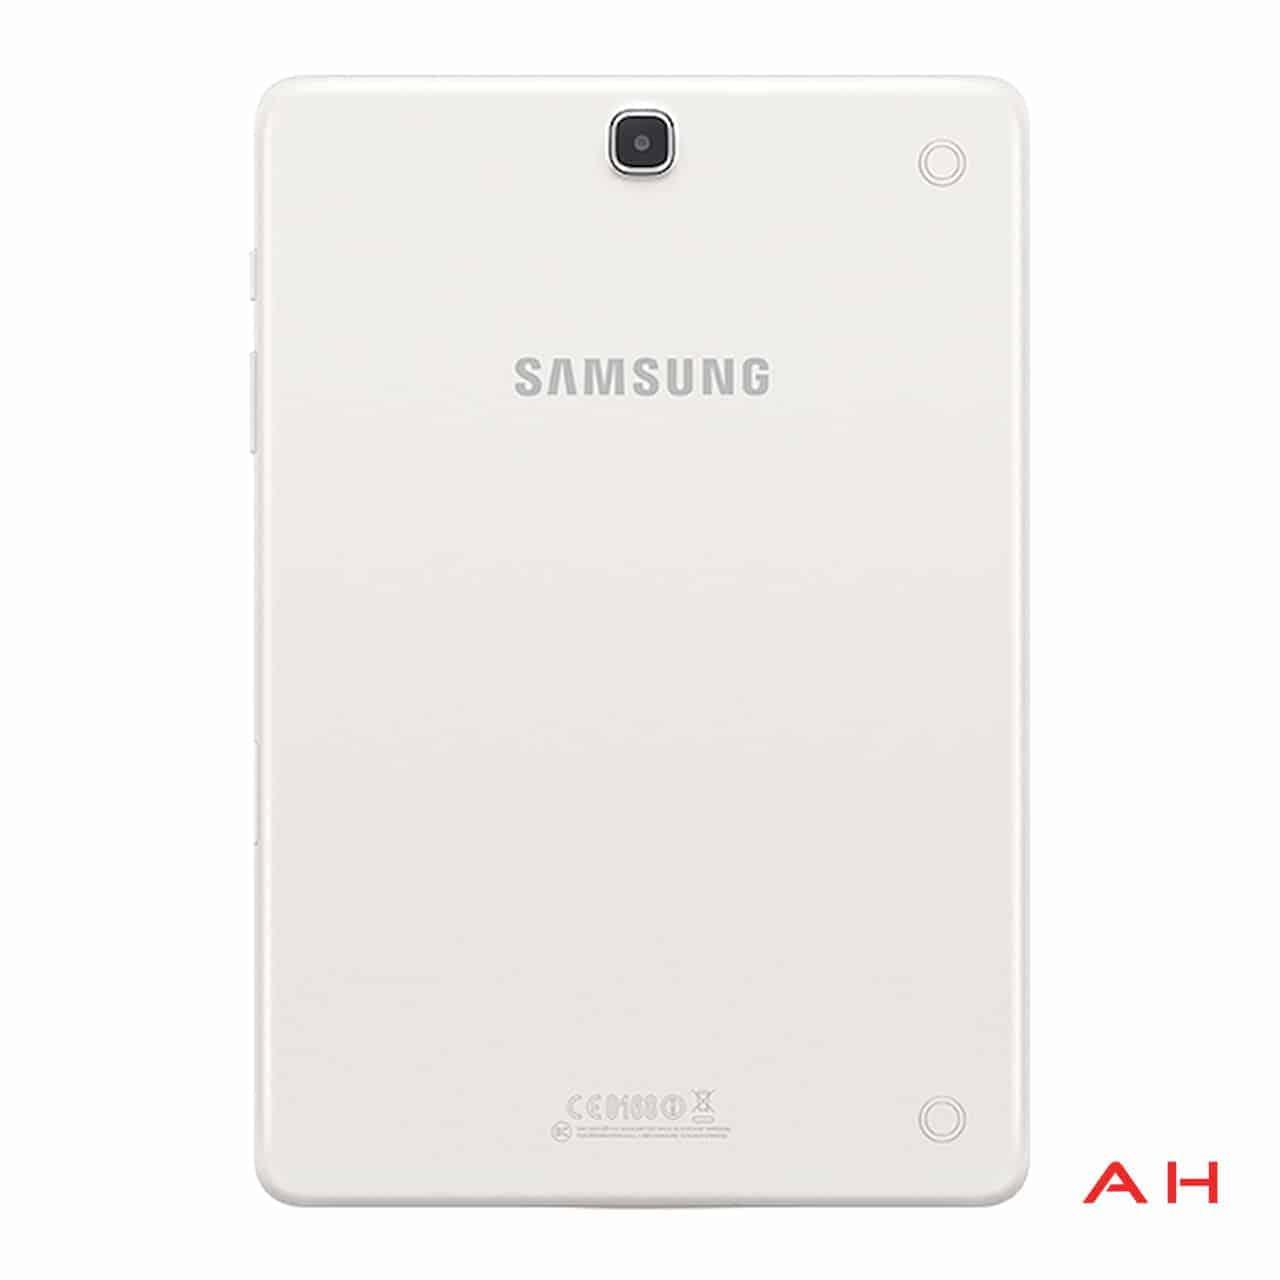 AH Samsung Galaxy Tab A 12